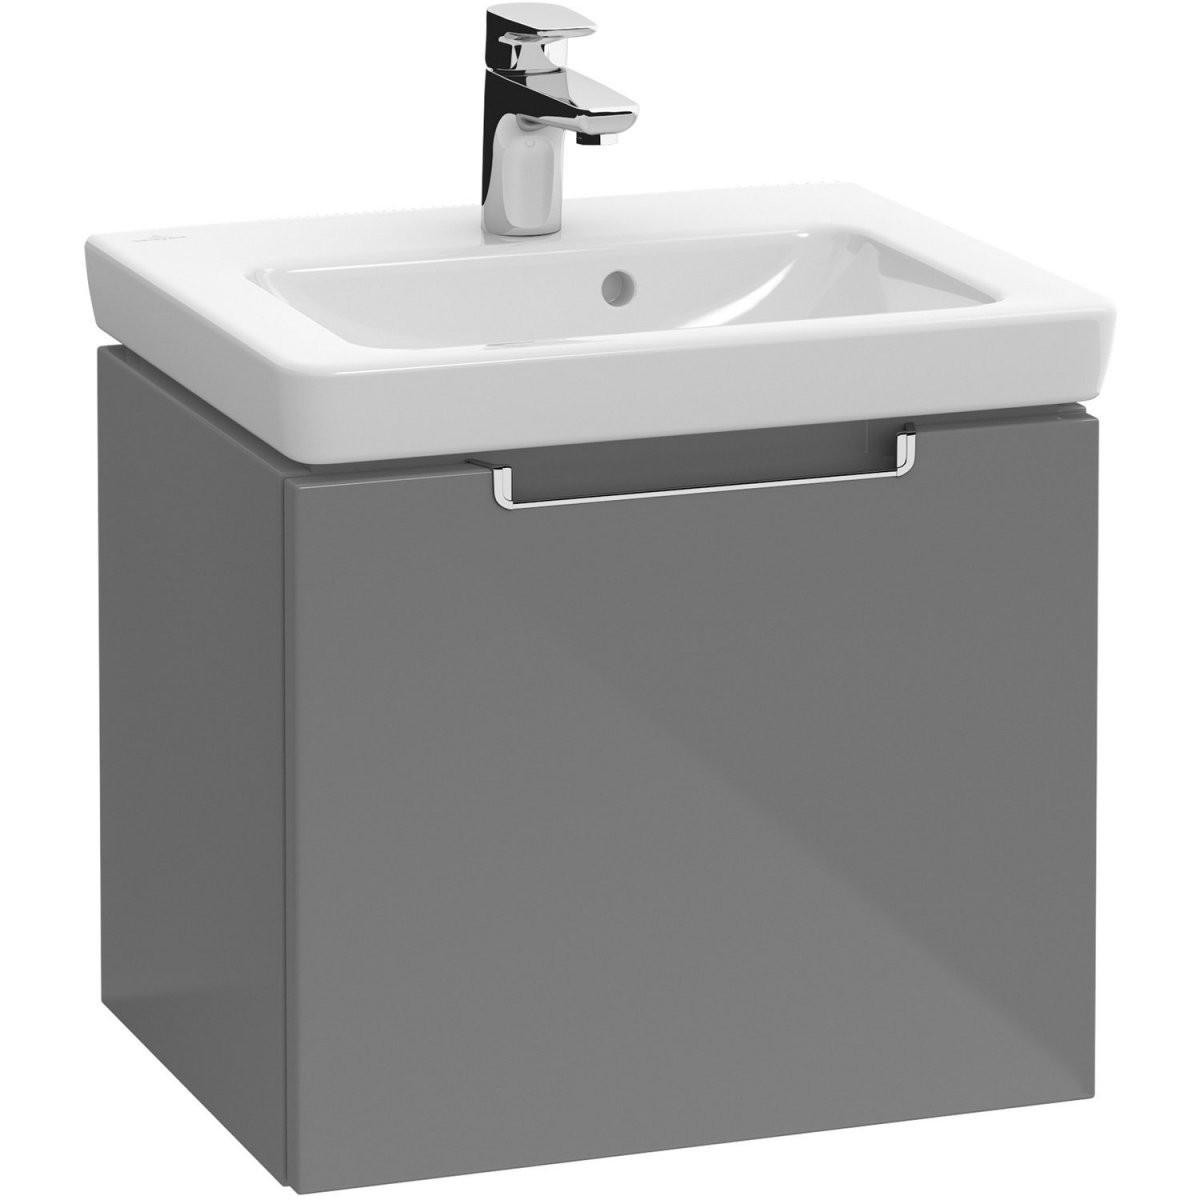 Waschbeckenunterschränke Online Kaufen Bei Obi  Obi von Bauhaus Waschtisch Mit Unterschrank Bild